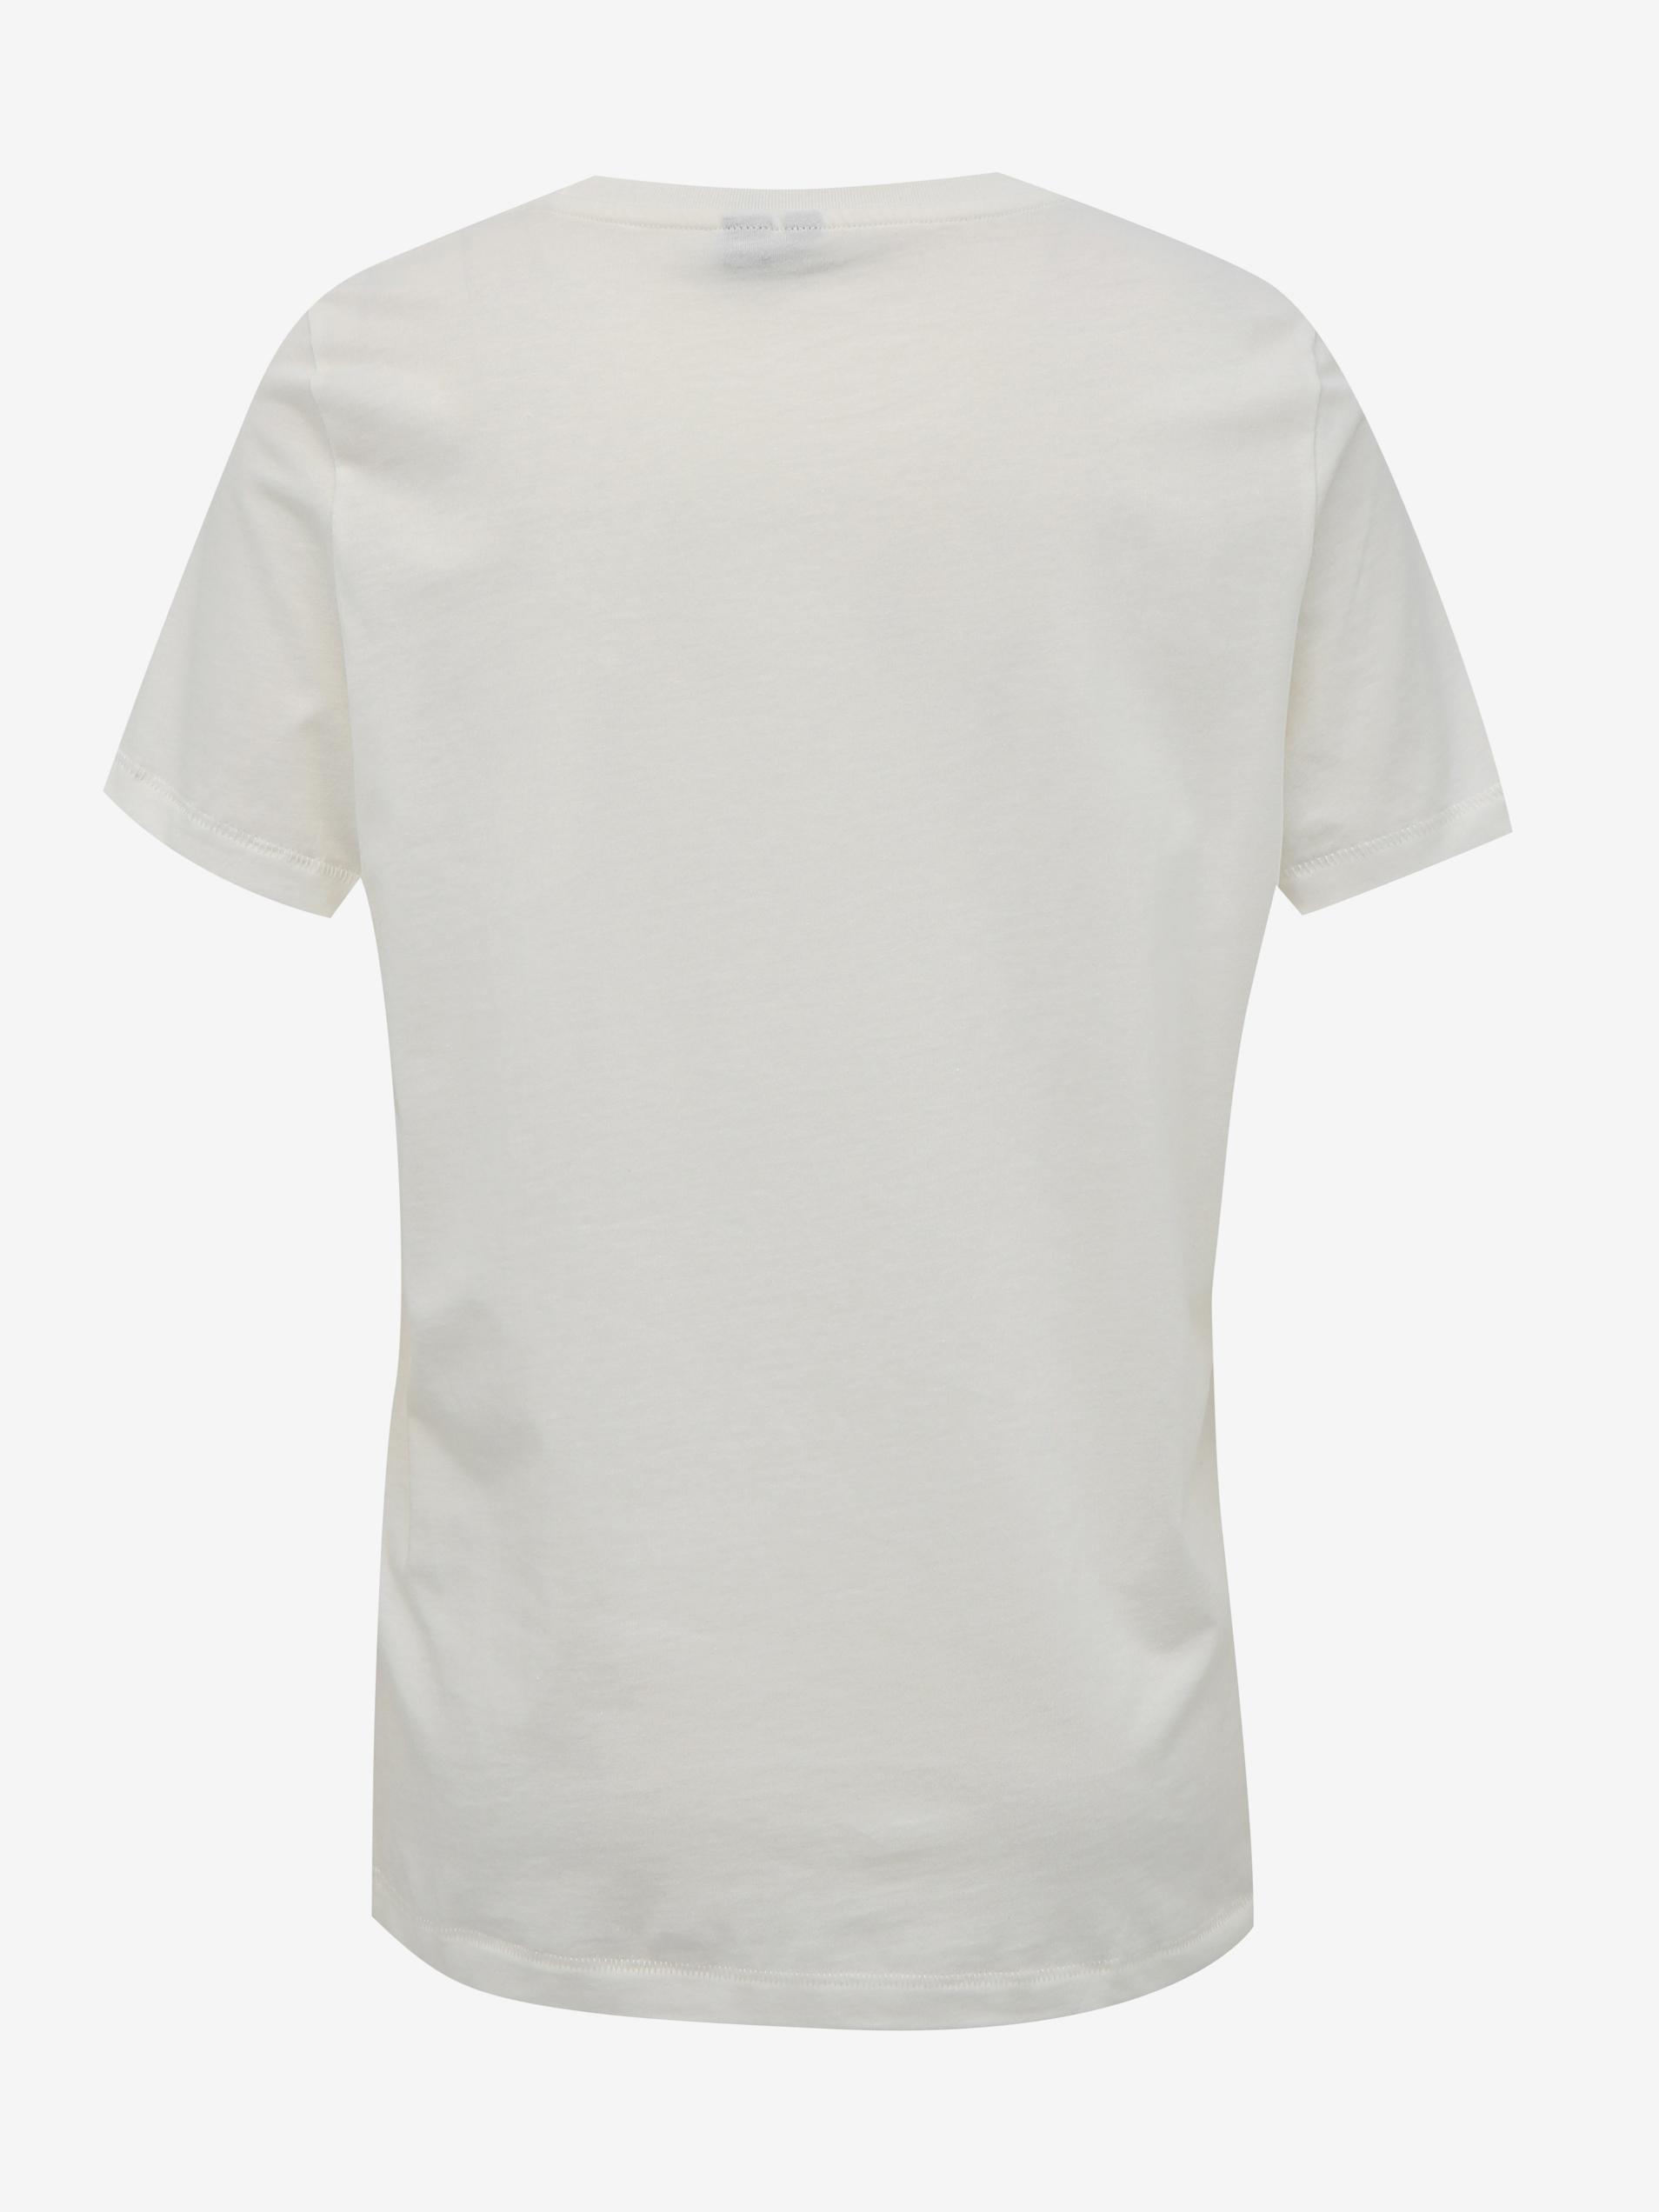 Vero Moda biele tričko Desert s potlačou